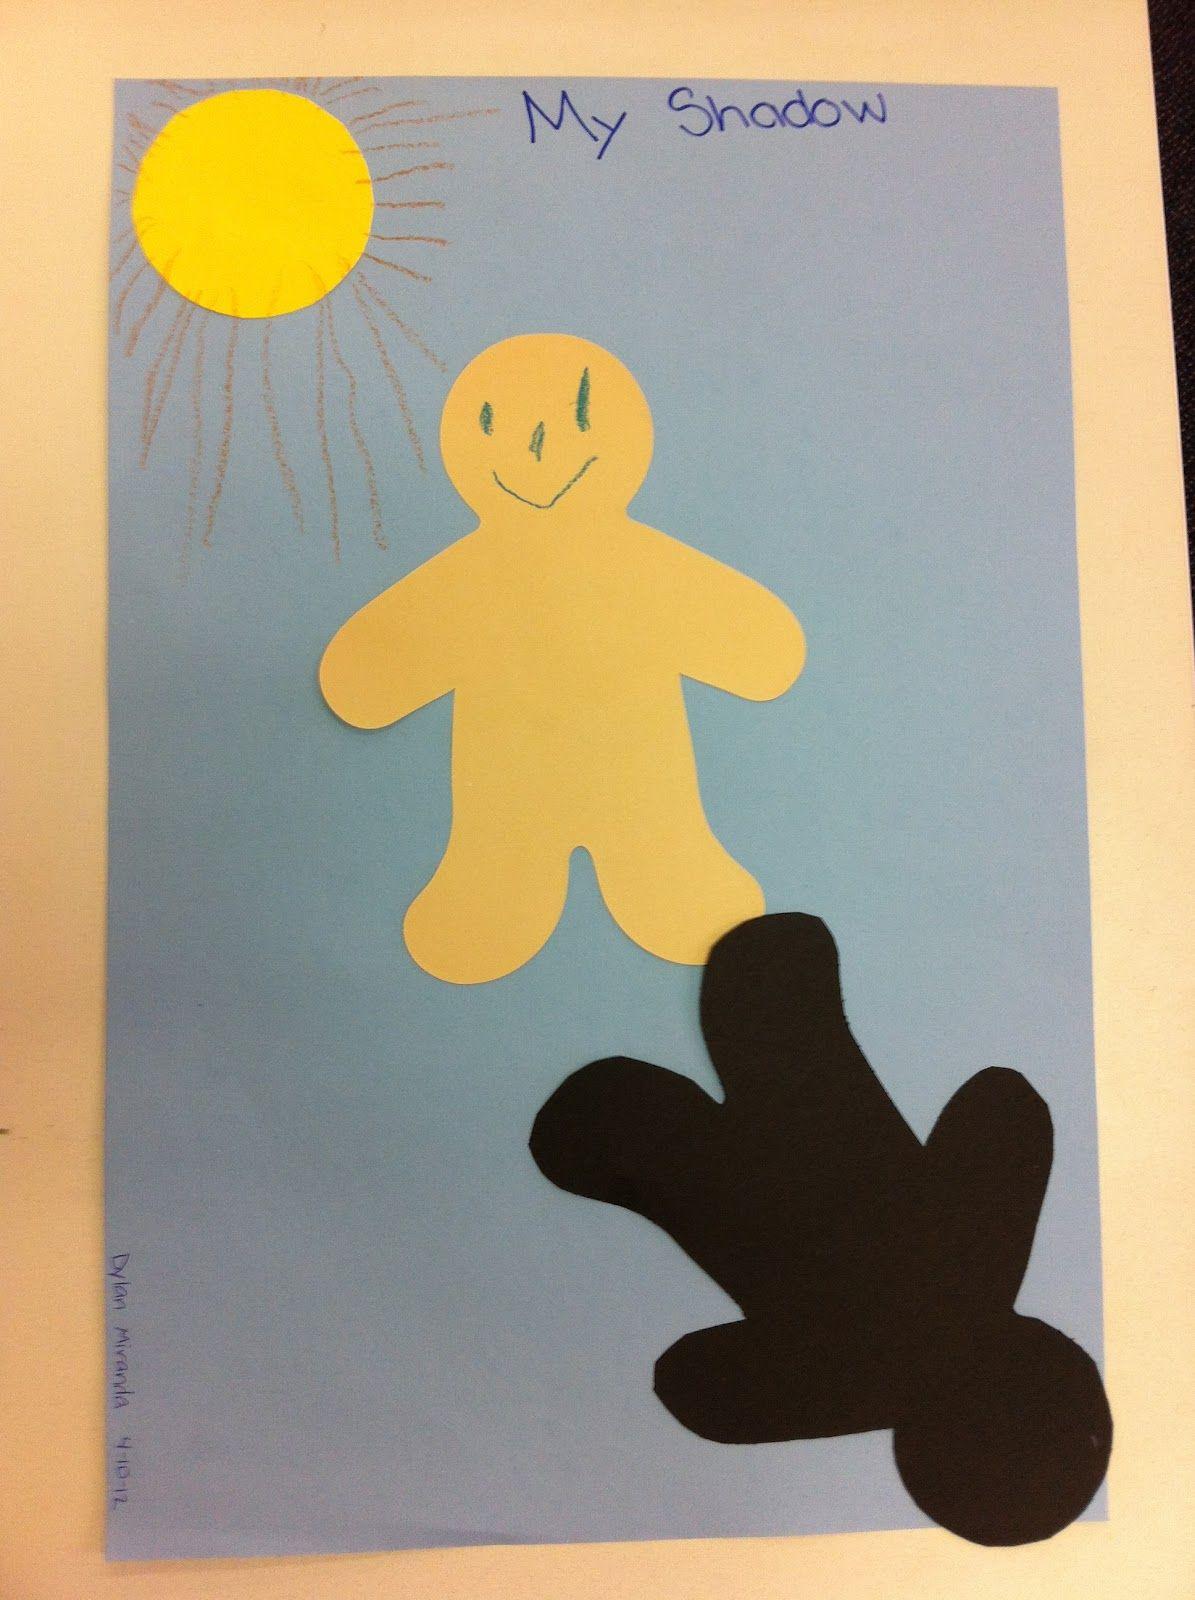 shadow craft for preschool and kindergarten students science